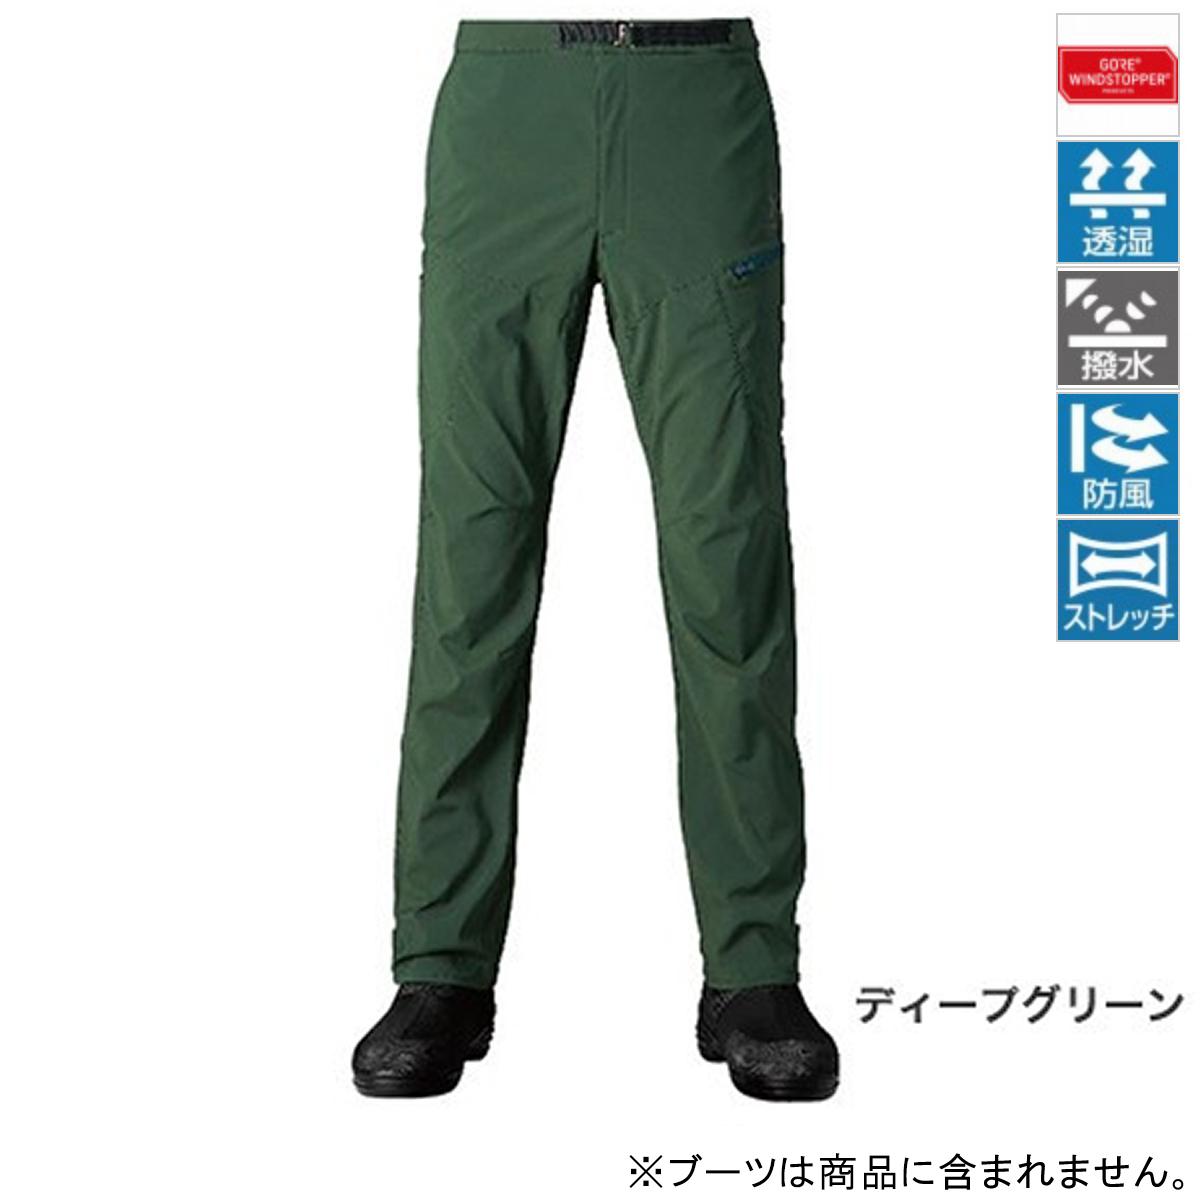 シマノ XEFO ゴア ウィンドストッパー ボトム PA-241R 2XL ディープグリーン